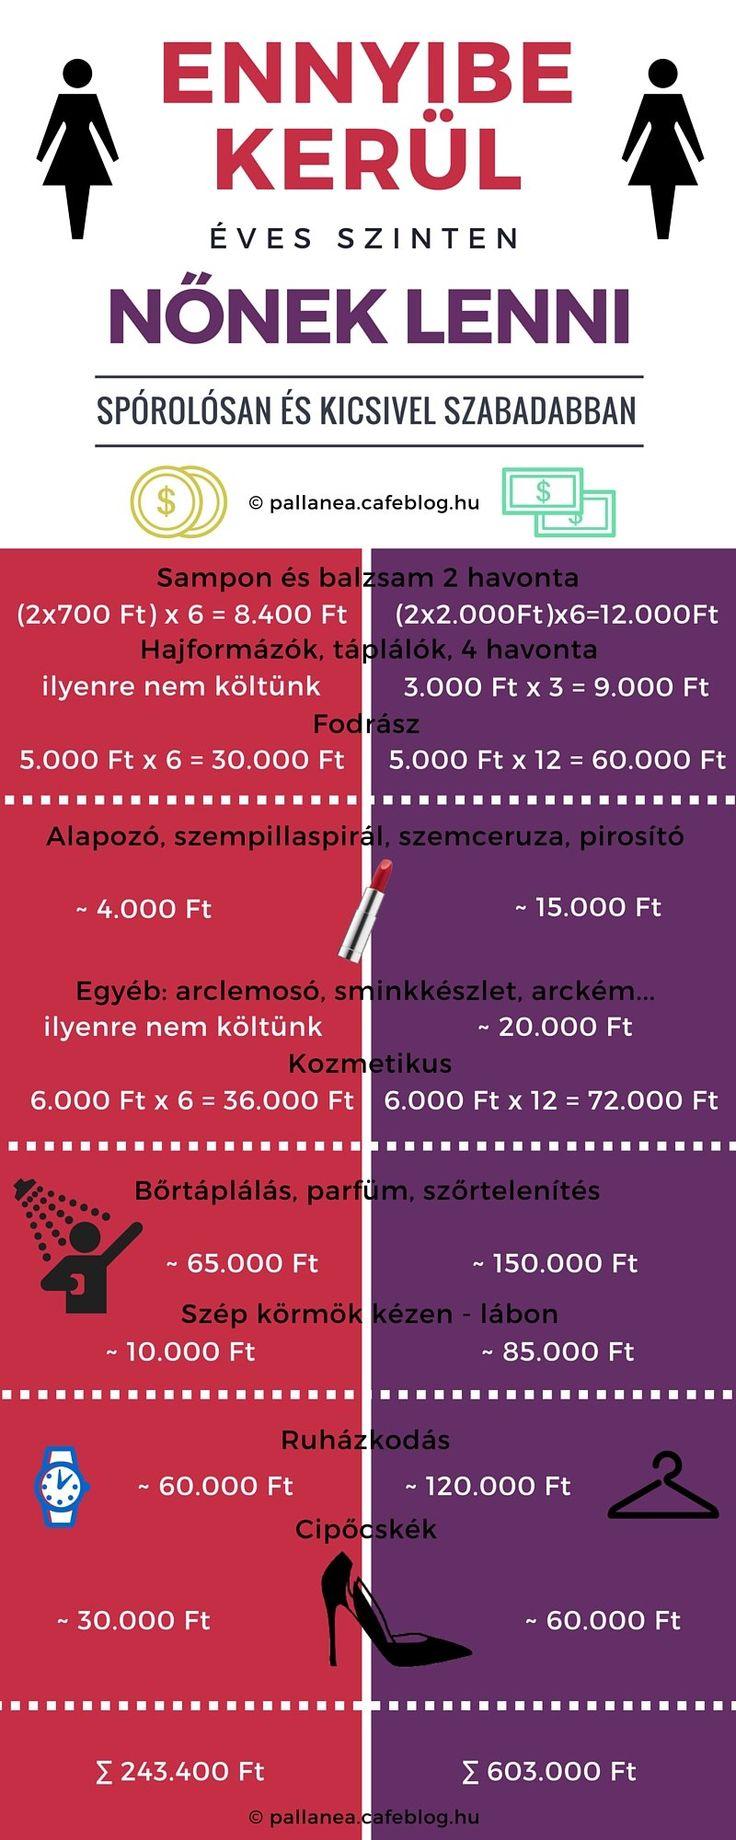 Ennyibe kerül nőnek lenni #infografika #nő #nők #tobeawoman http://pallanea.cafeblog.hu/2016/05/19/ennyibe-kerul-nonek-lenni/